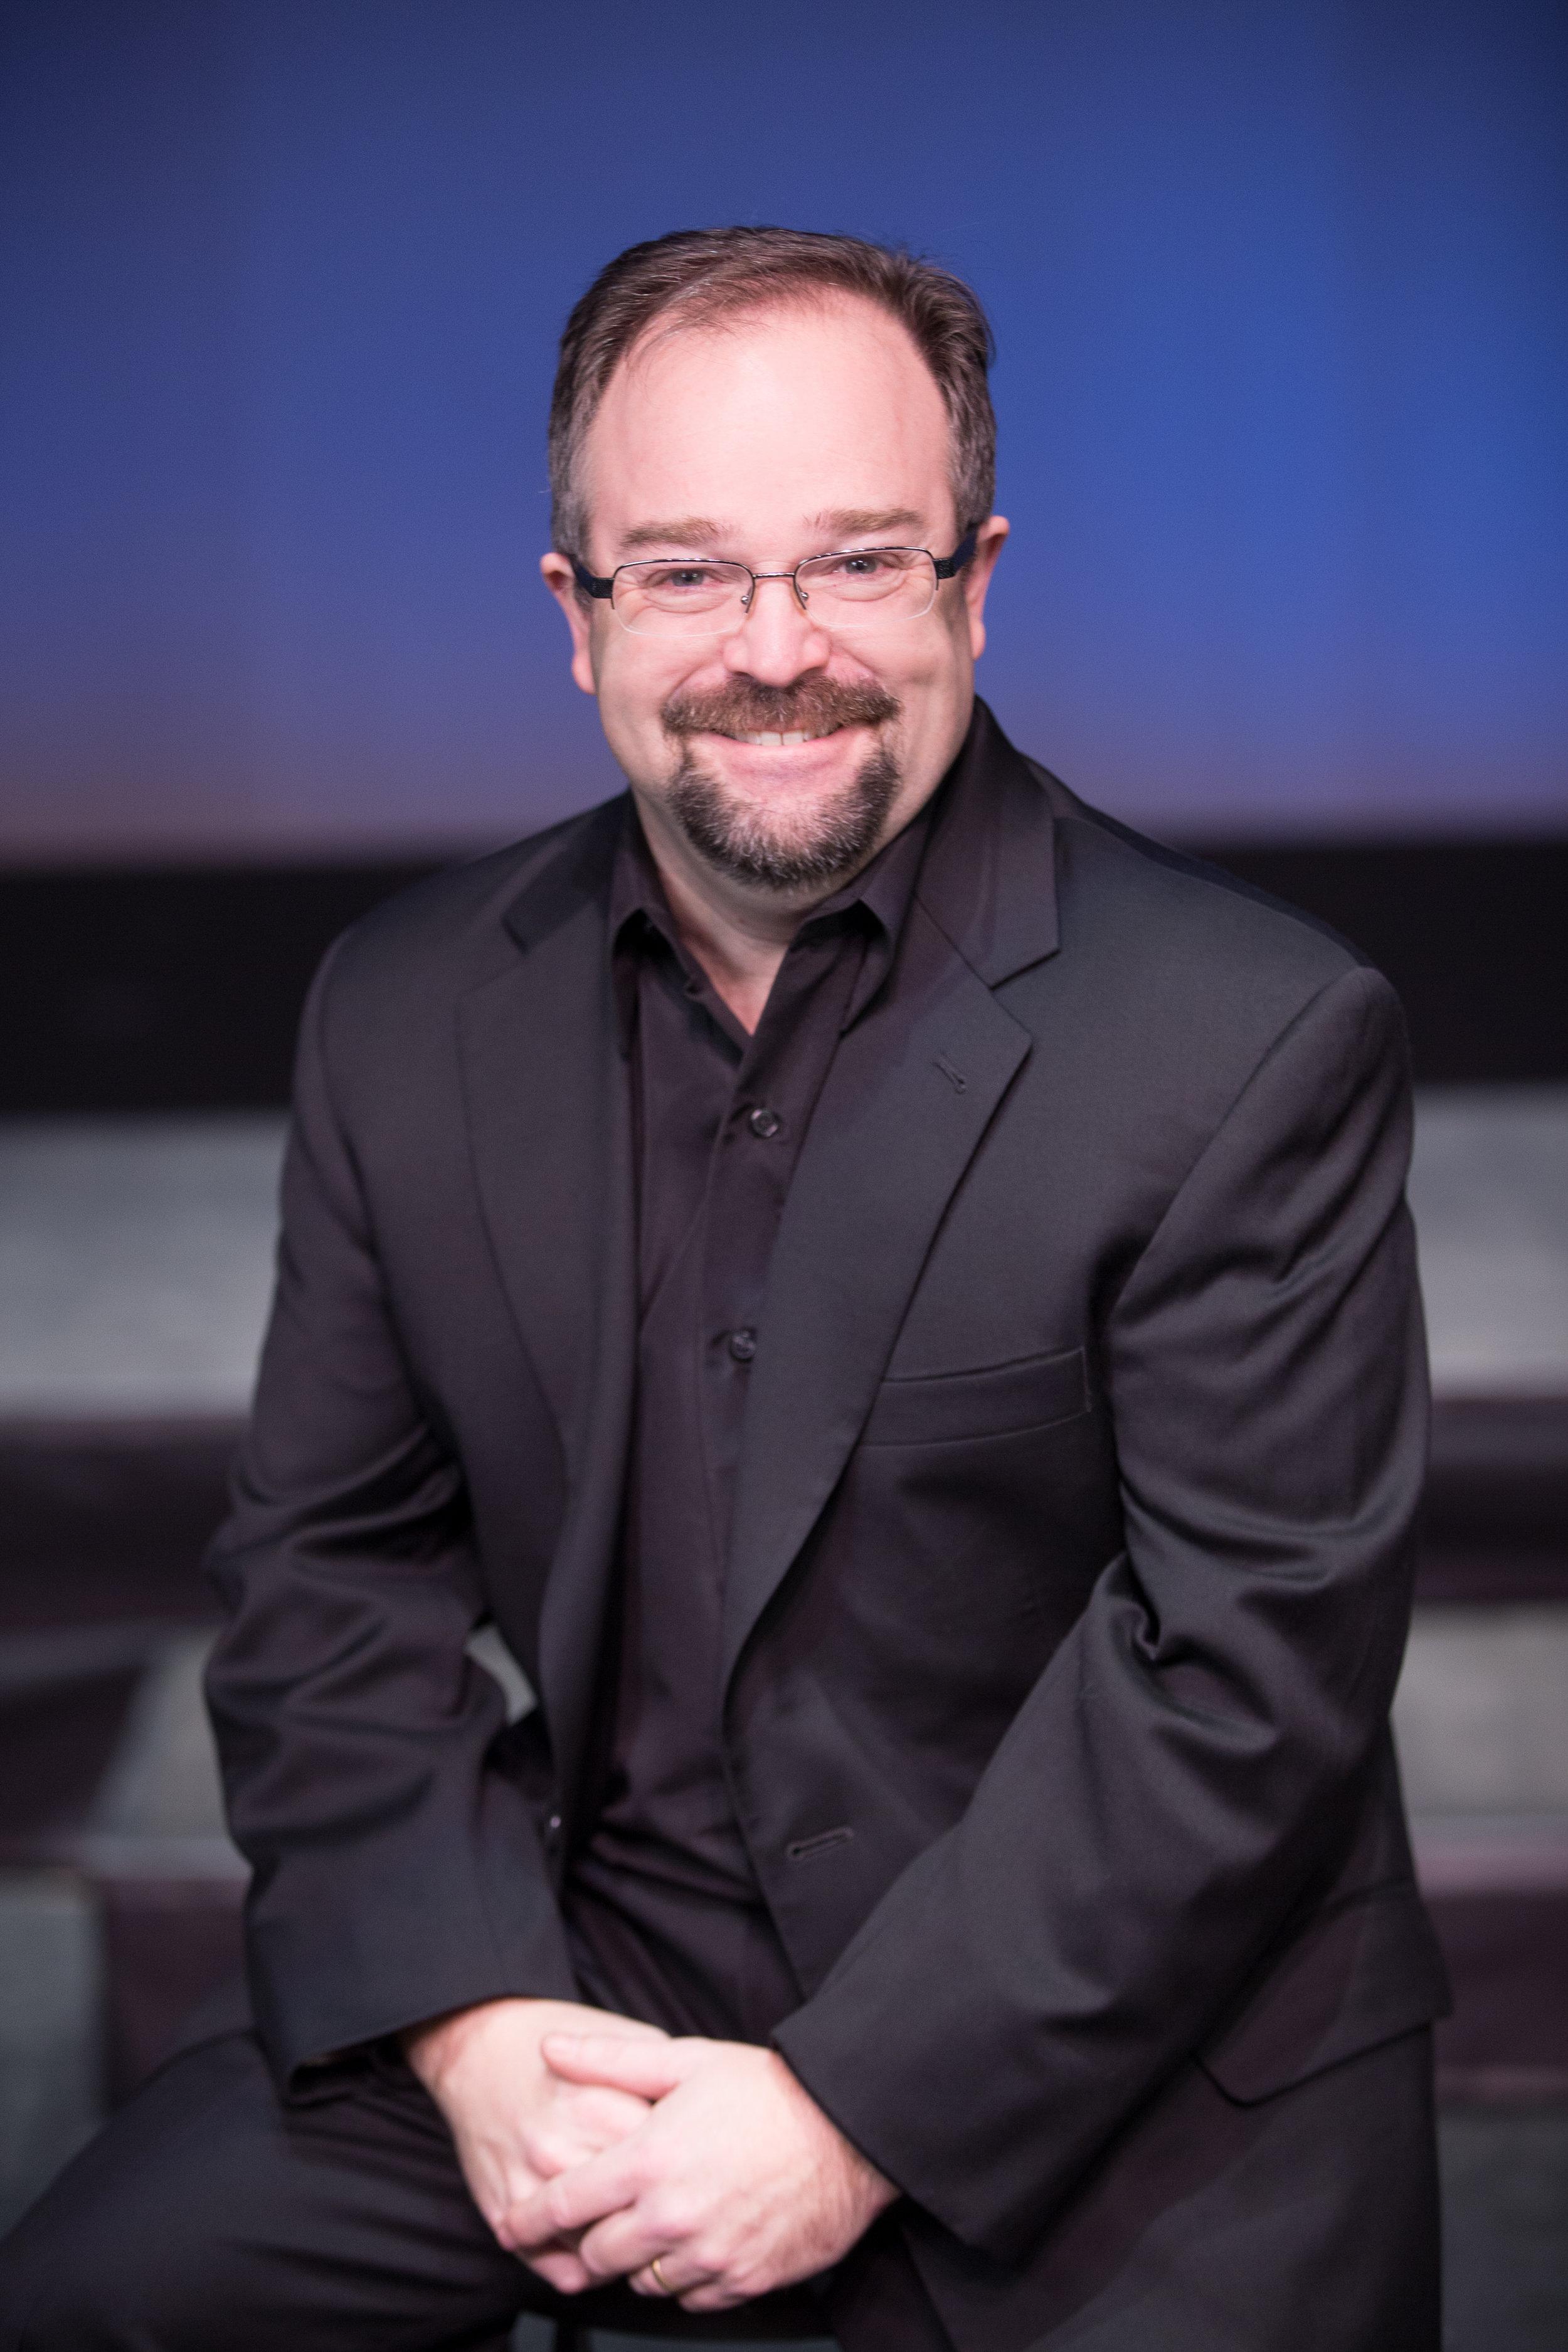 Glenn Williams, Owner